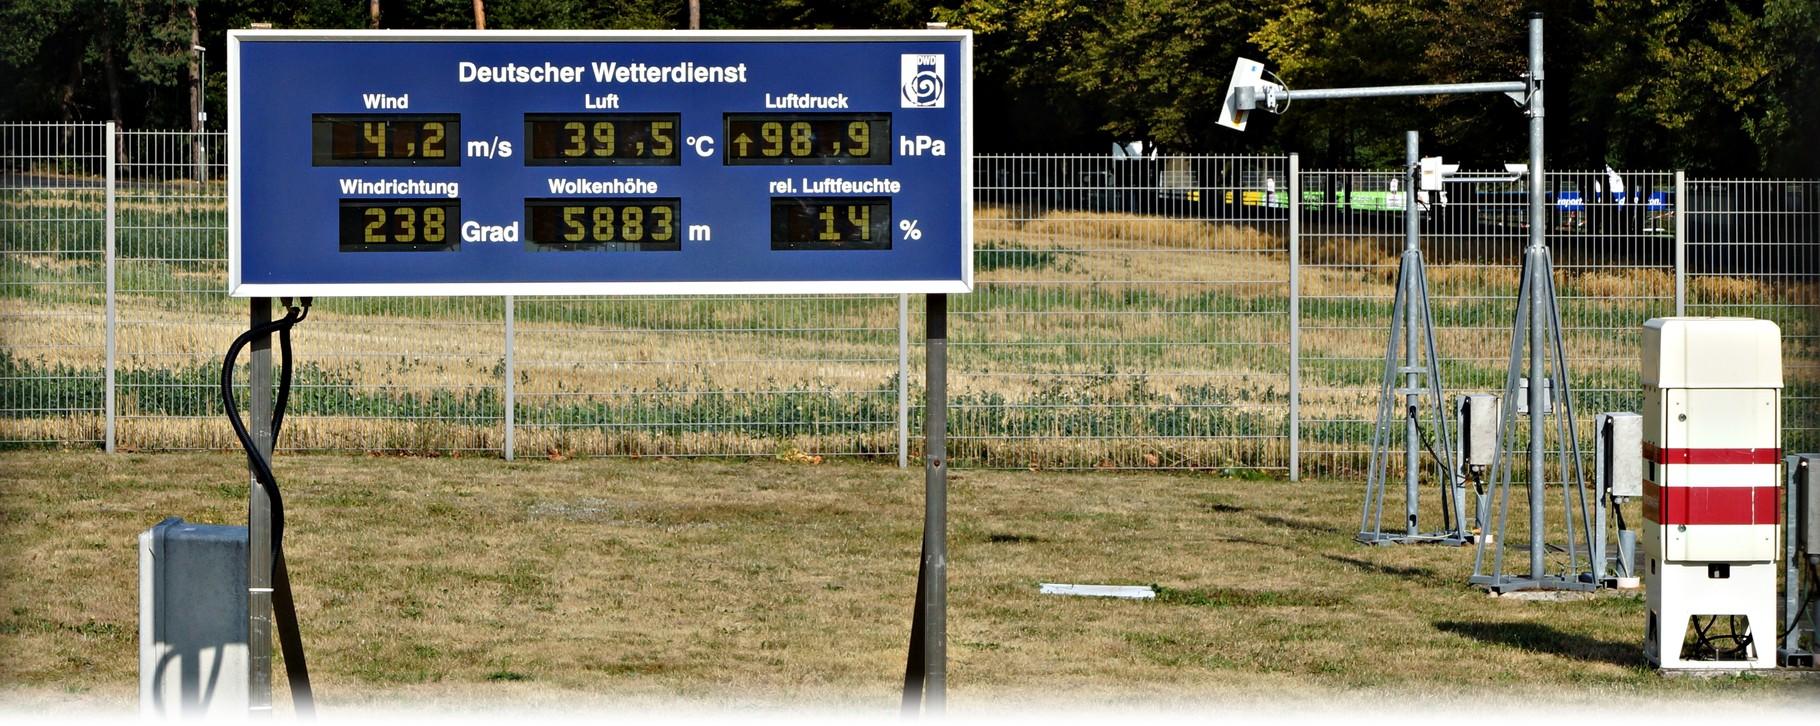 Extreme Hitze bei Temperaturen von über 39°C im Rhein-Main-Gebiet am 07.08.2015. | Bildquelle: Denny Karran